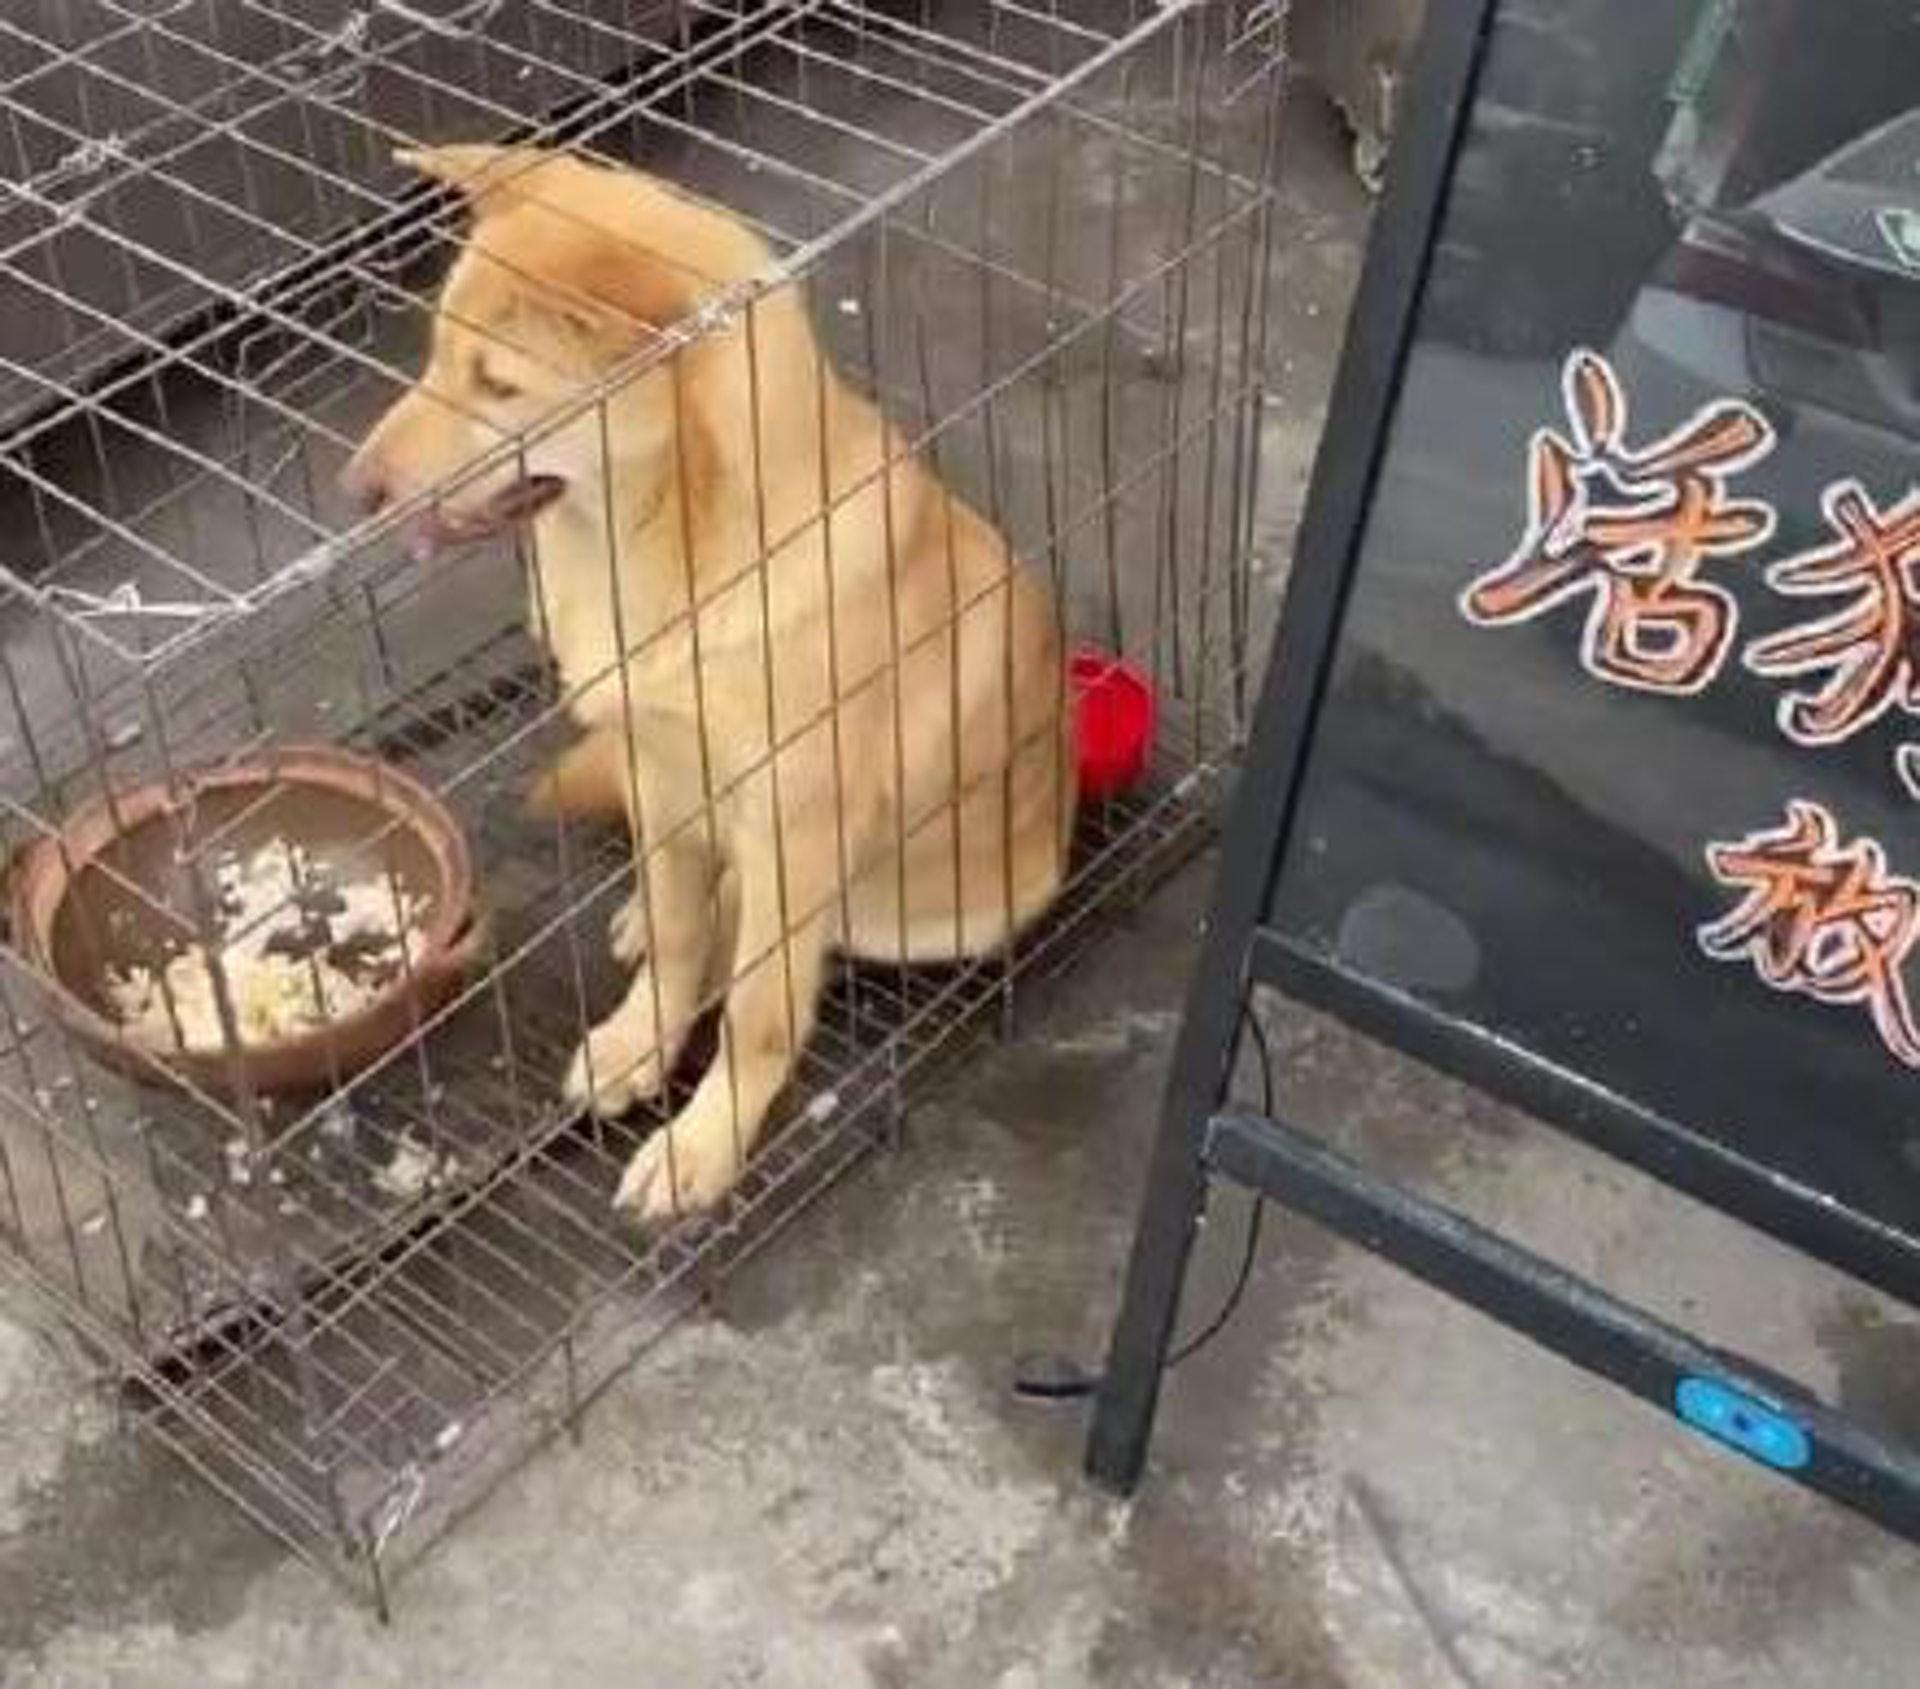 沒法想象每年有多少狗隻被人這樣吃掉了。(微博)